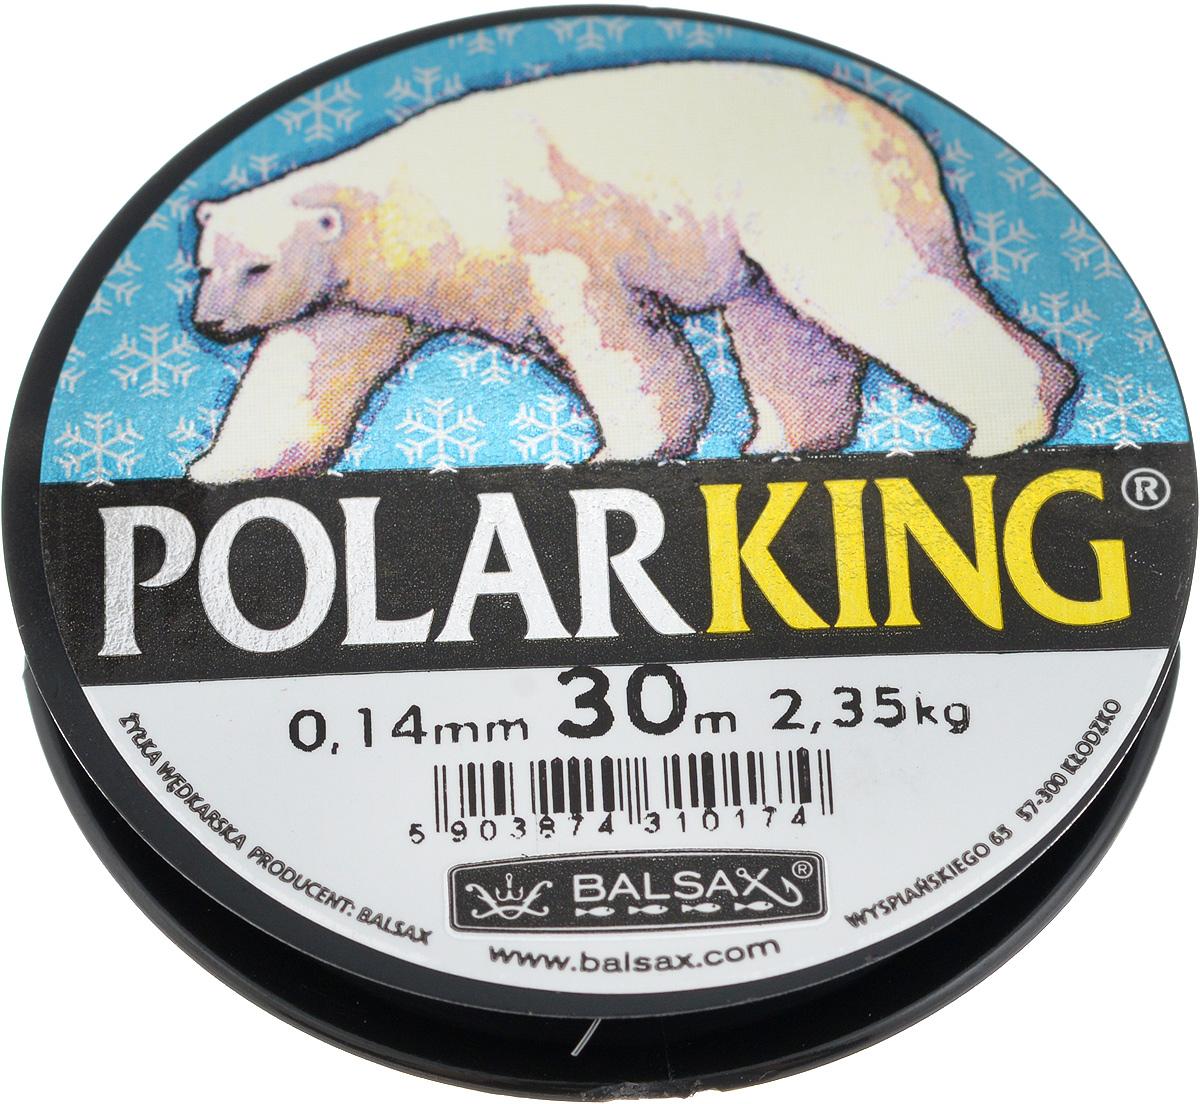 Леска зимняя Balsax Polar King, 30 м, 0,14 мм, 2,35 кг310-04010Леска Balsax Polar King изготовлена из 100% нейлона и очень хорошо выдерживает низкие температуры. Даже в самом холодном климате, при температуре вплоть до -40°C, она сохраняет свои свойства практически без изменений, в то время как традиционные лески становятся менее эластичными и теряют прочность.Поверхность лески обработана таким образом, что она не обмерзает и отлично подходит для подледного лова. Прочна в местах вязки узлов даже при минимальном диаметре.